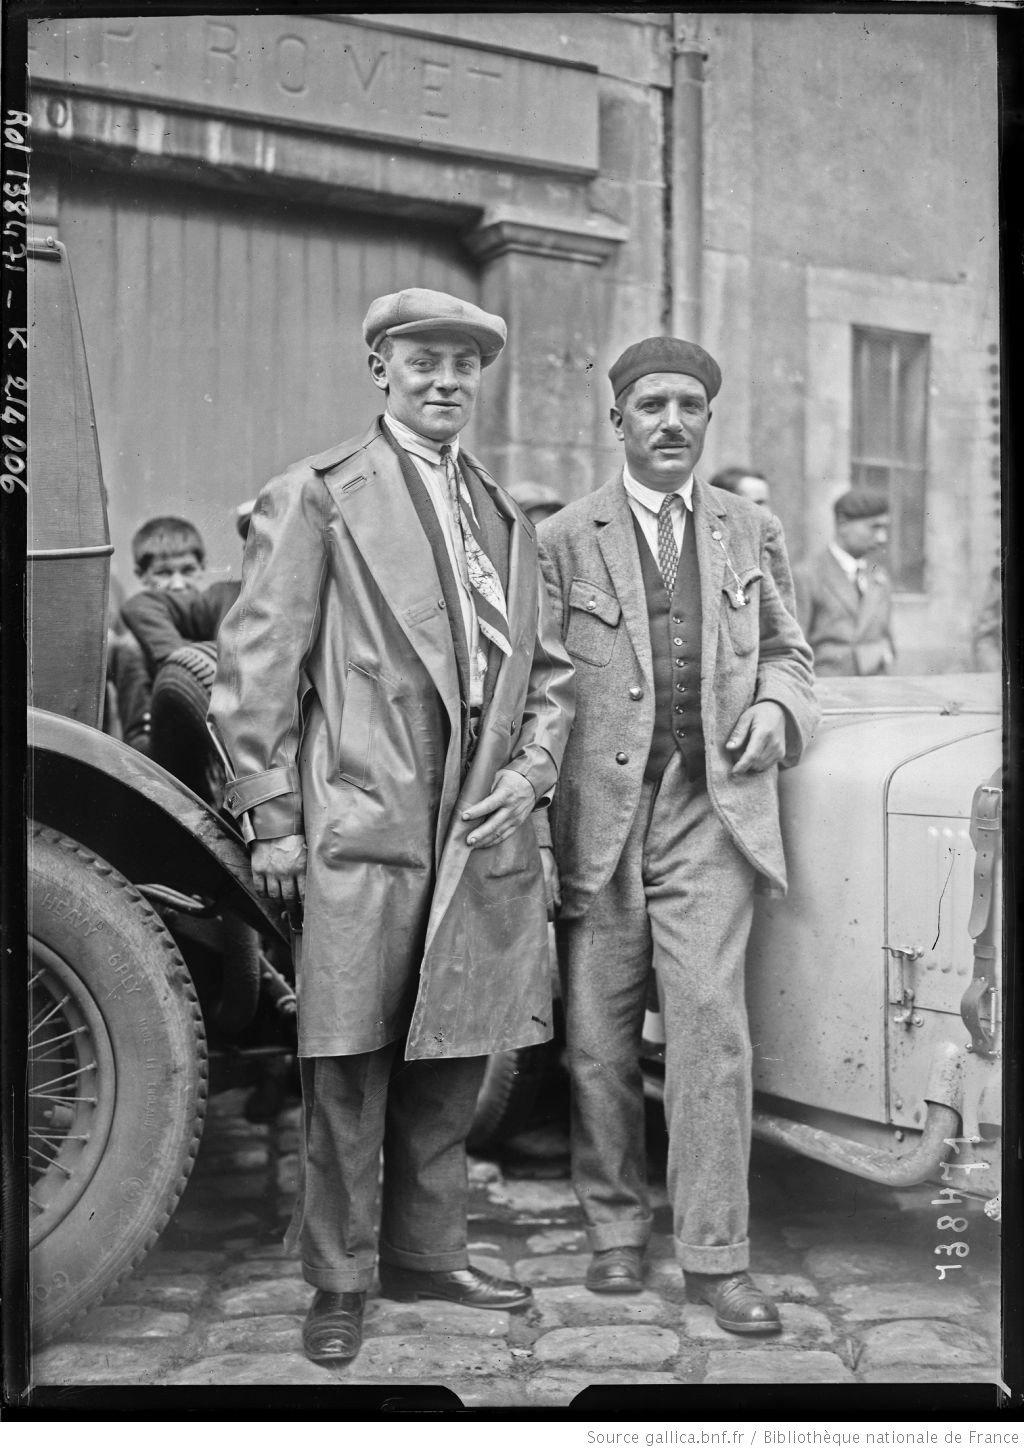 [De gauche à droite,] Debaugny [i.e. Louis Debeugny], Balard [i.e. Louis Balart] sur Tracta [coureurs automobiles français, au pesage des 24 h du Mans, le 130629]  [photographie de presse]  [Agence Rol].